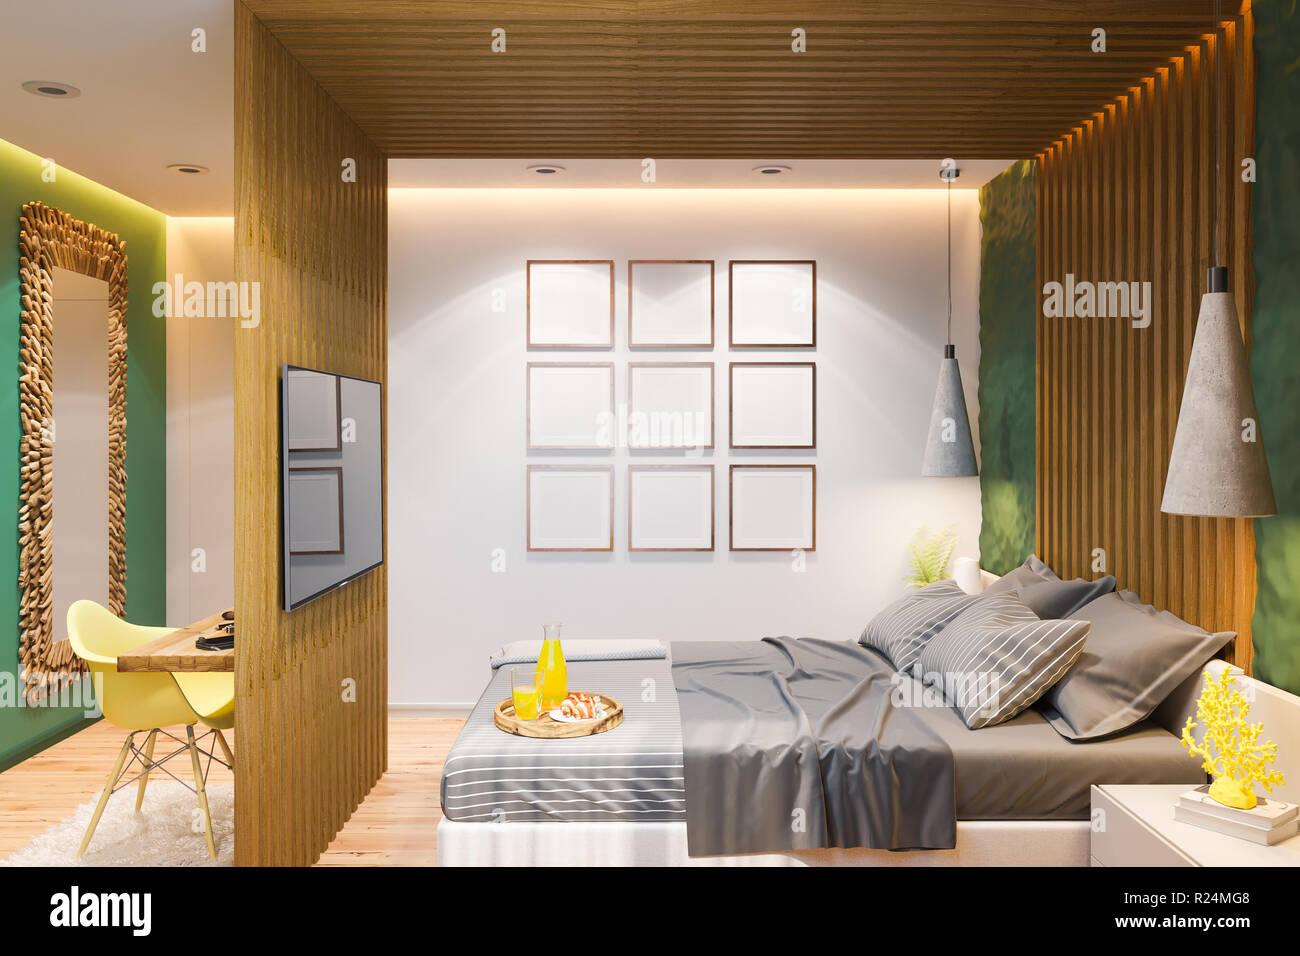 Interni Di Una Casa Di Campagna : 3d illustrazione di una camera in una casa privata in una casa di